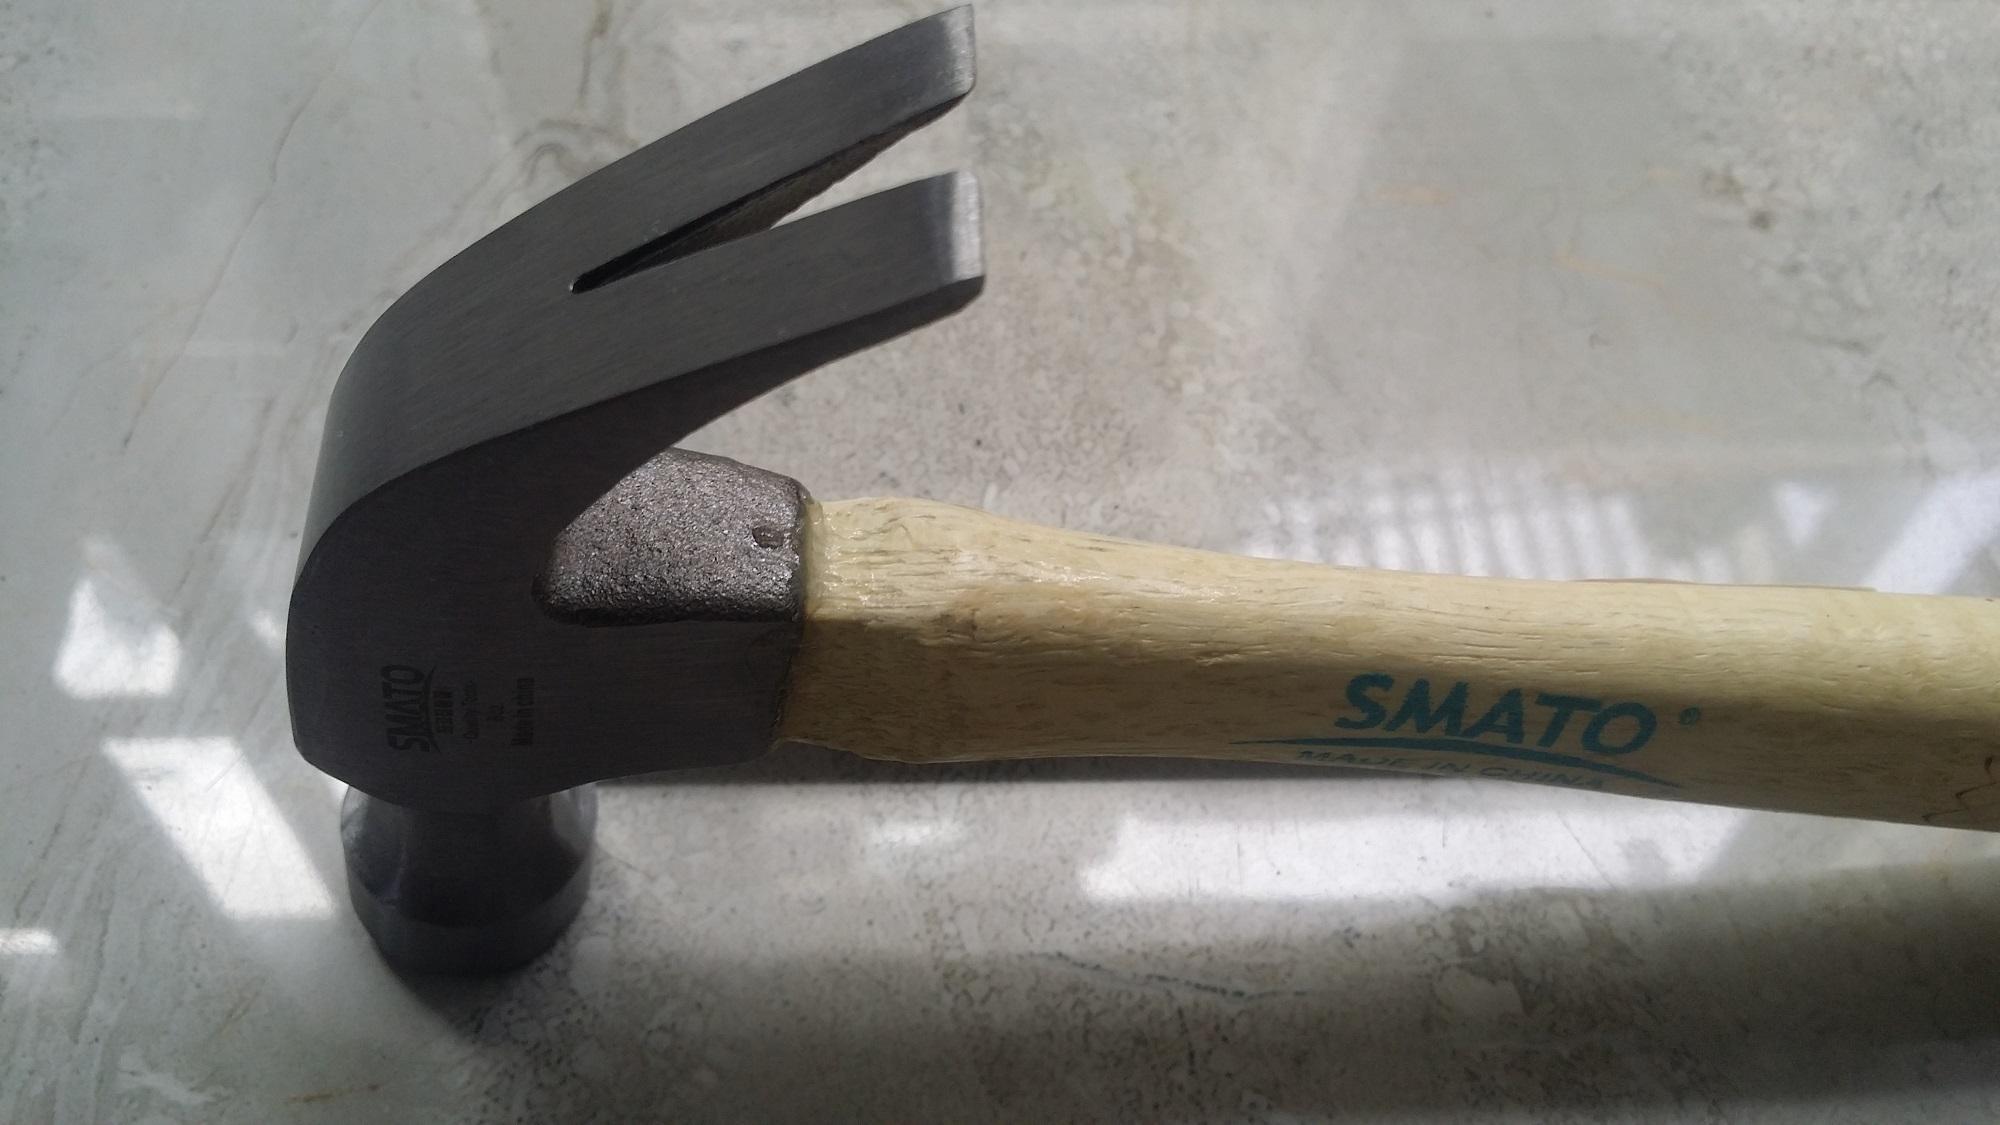 Búa nhổ đinh cán gỗ Smato 8OZ 226g Hàn Quốc.